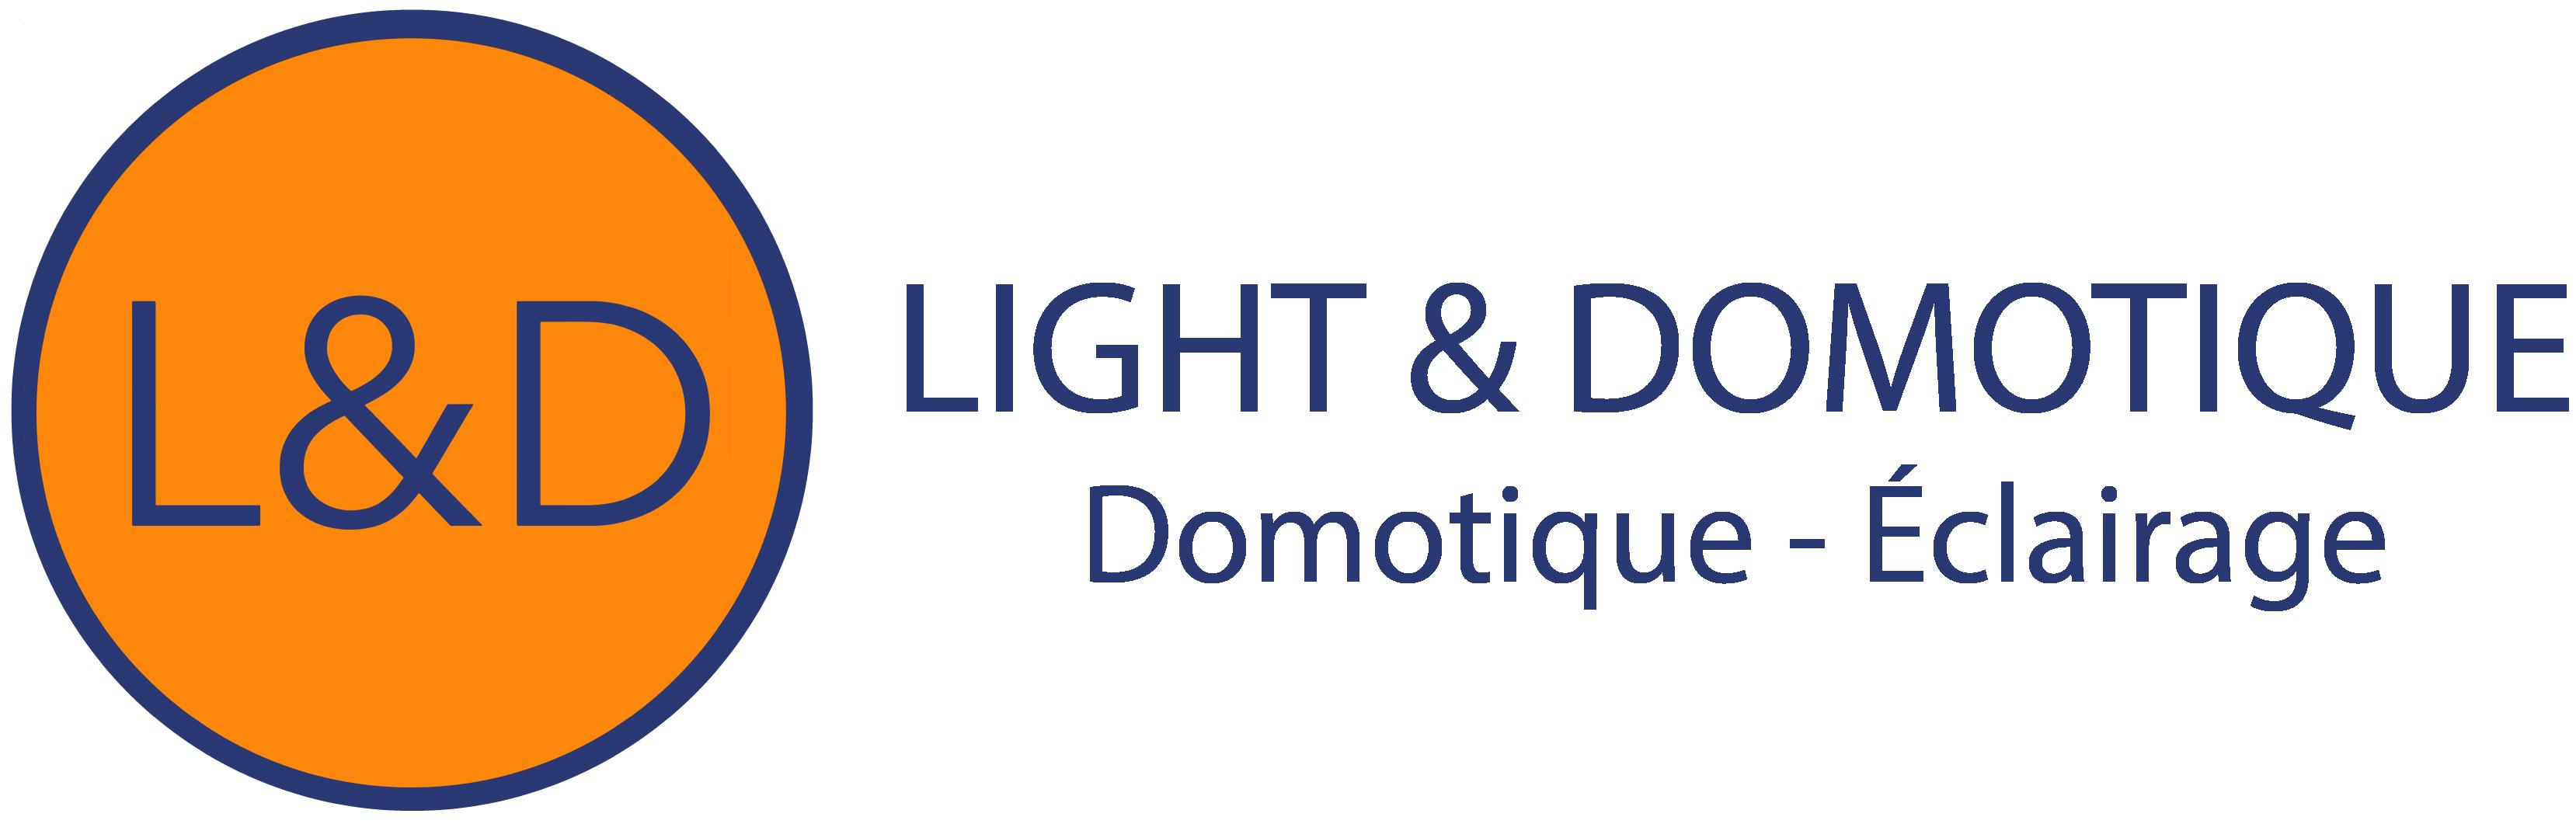 Light & Domotique